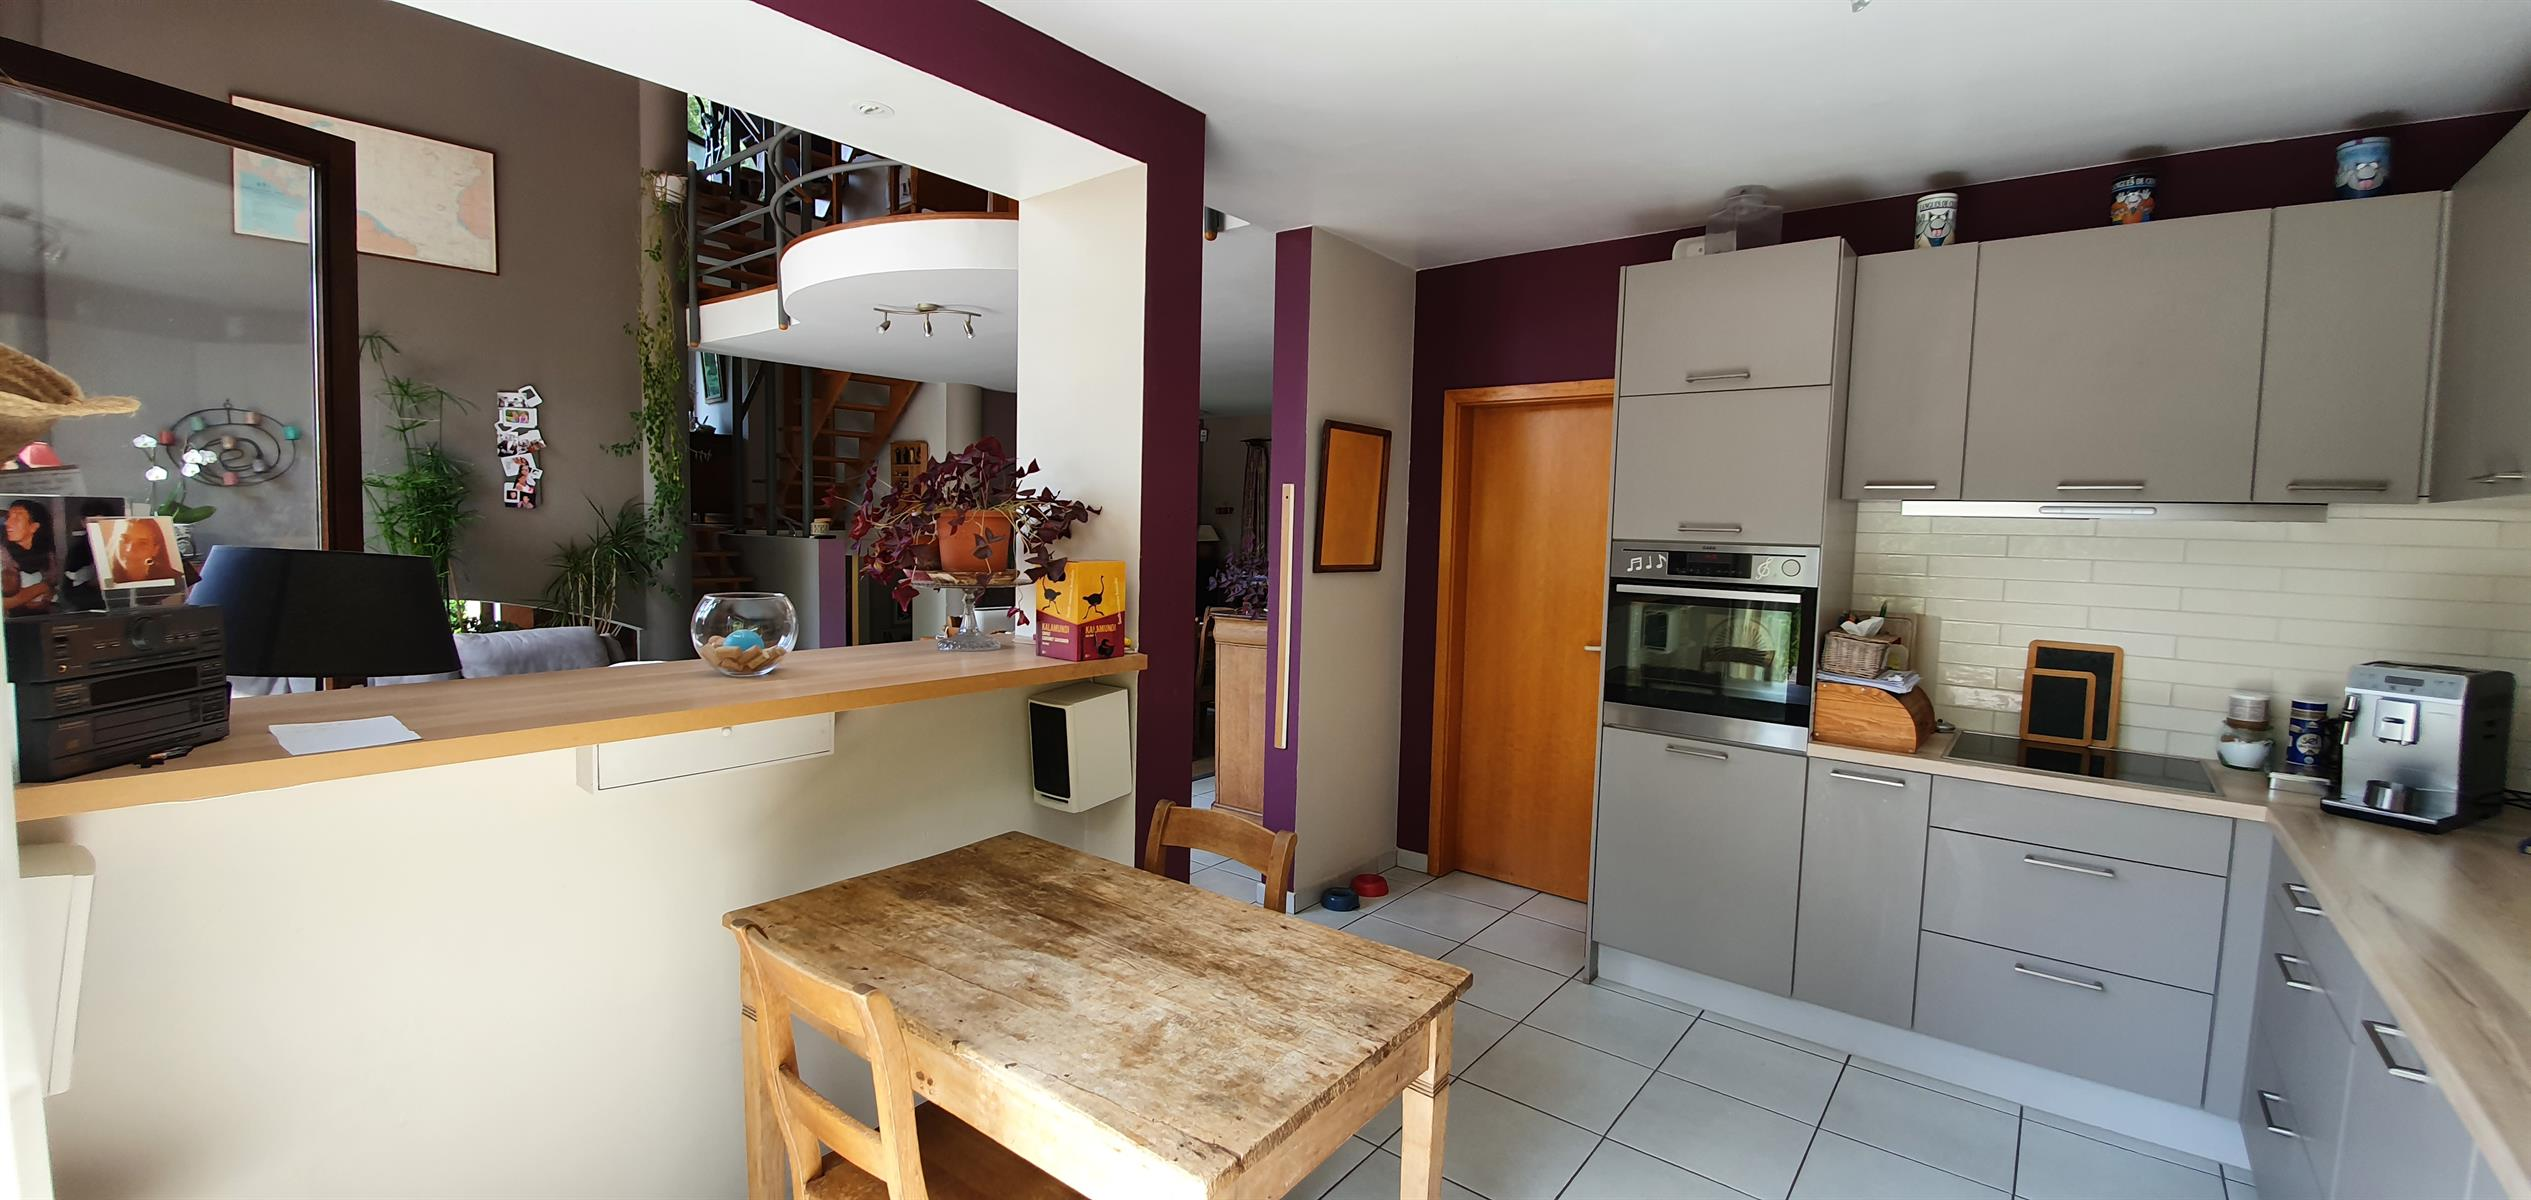 Villa - Grez-Doiceau - #4043416-10